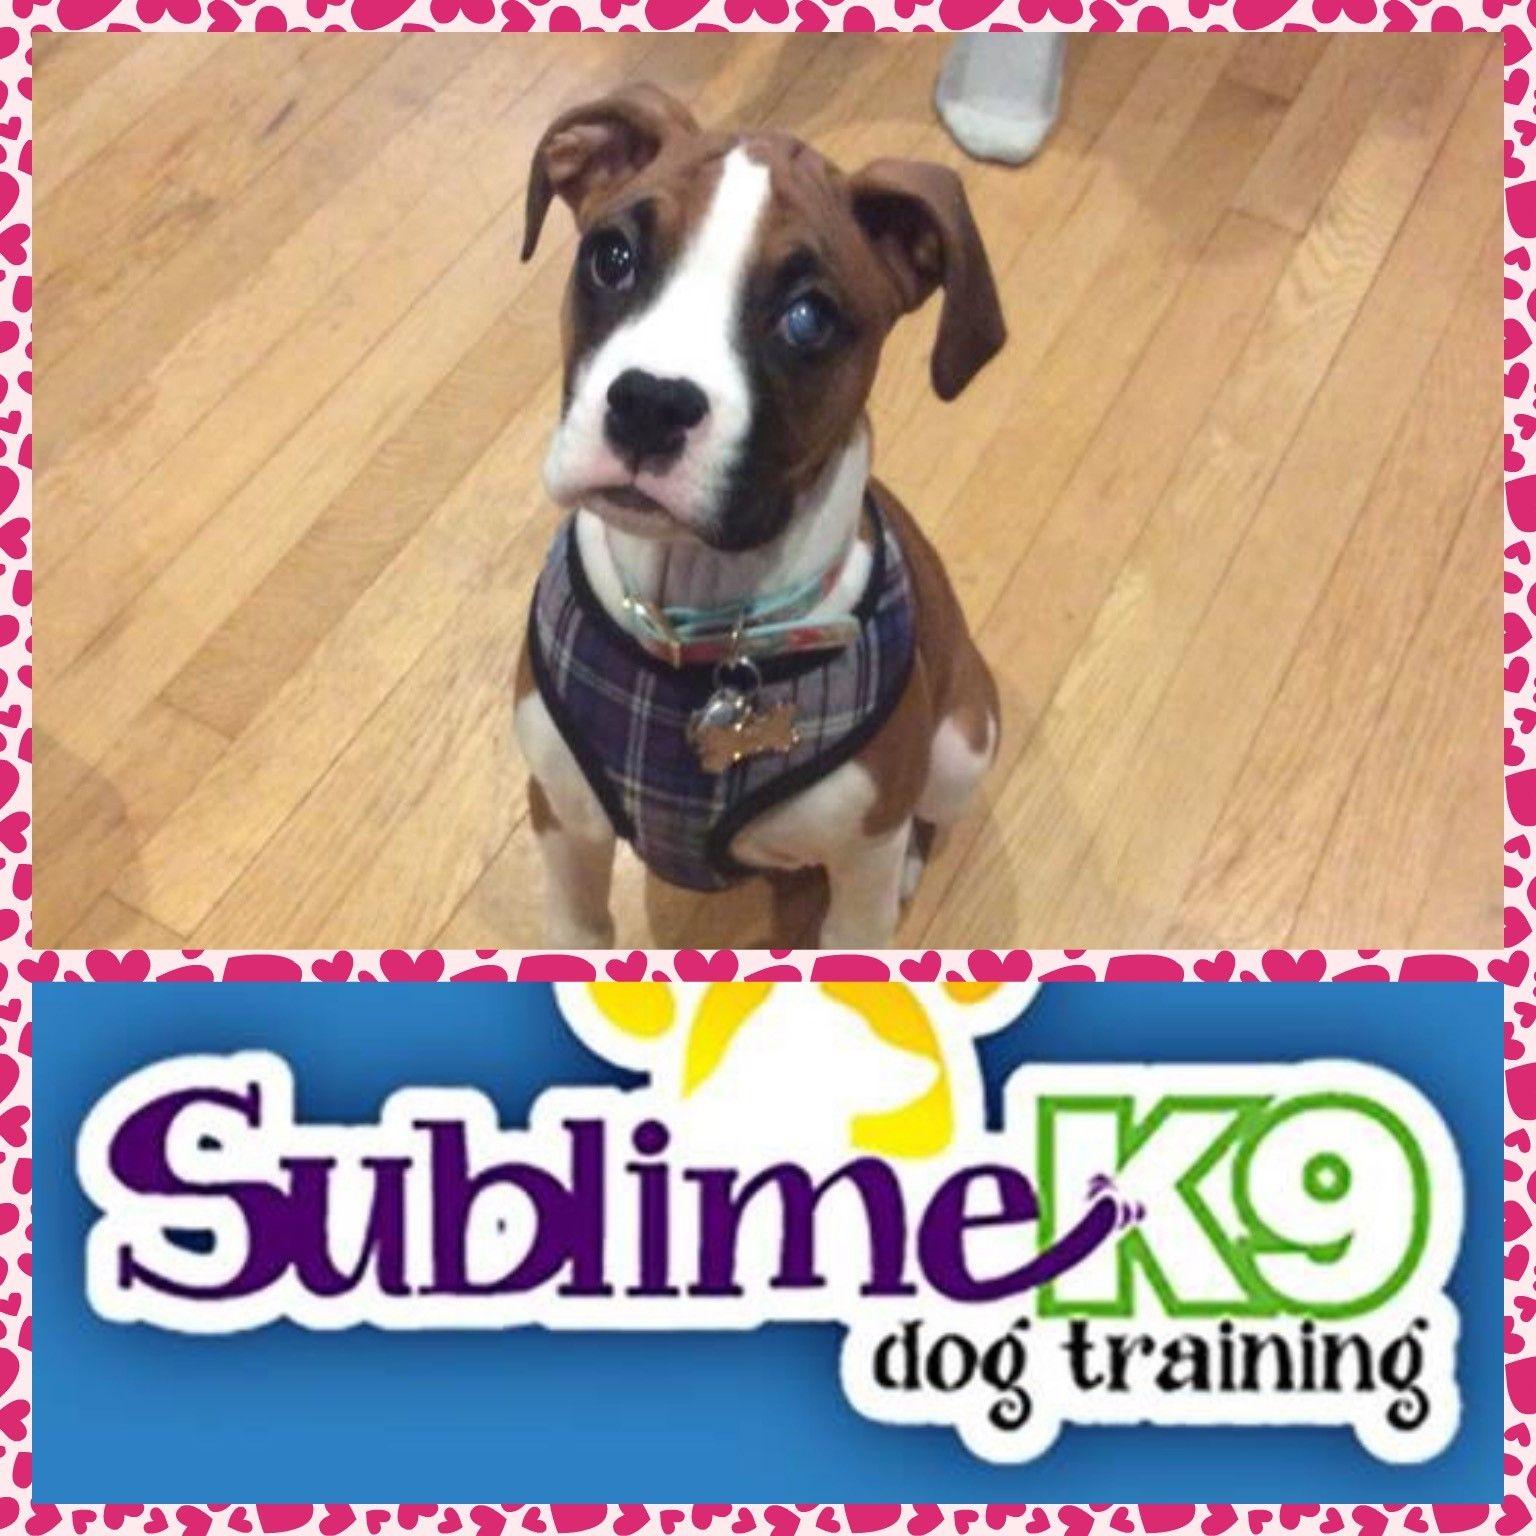 Long Island Dog Trainers Sublime K9 Dog Training Dogs